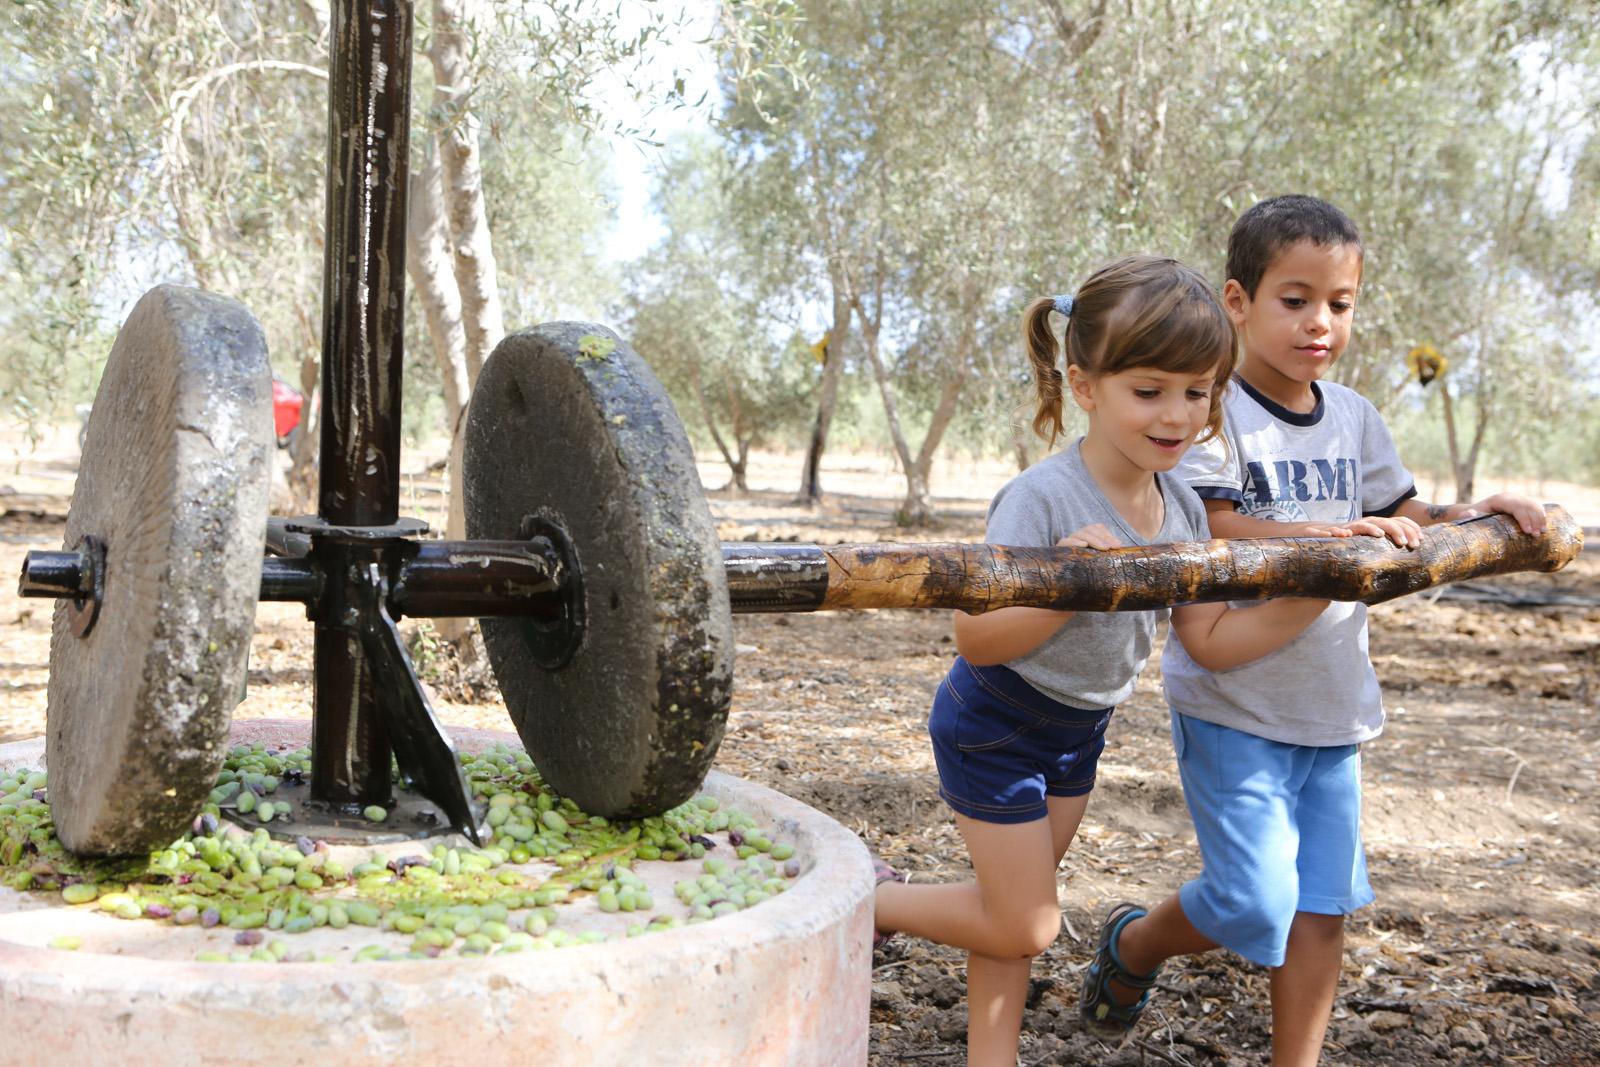 Три идеи для познавательного отдыха с детьми в ближайшую субботу в центре страны